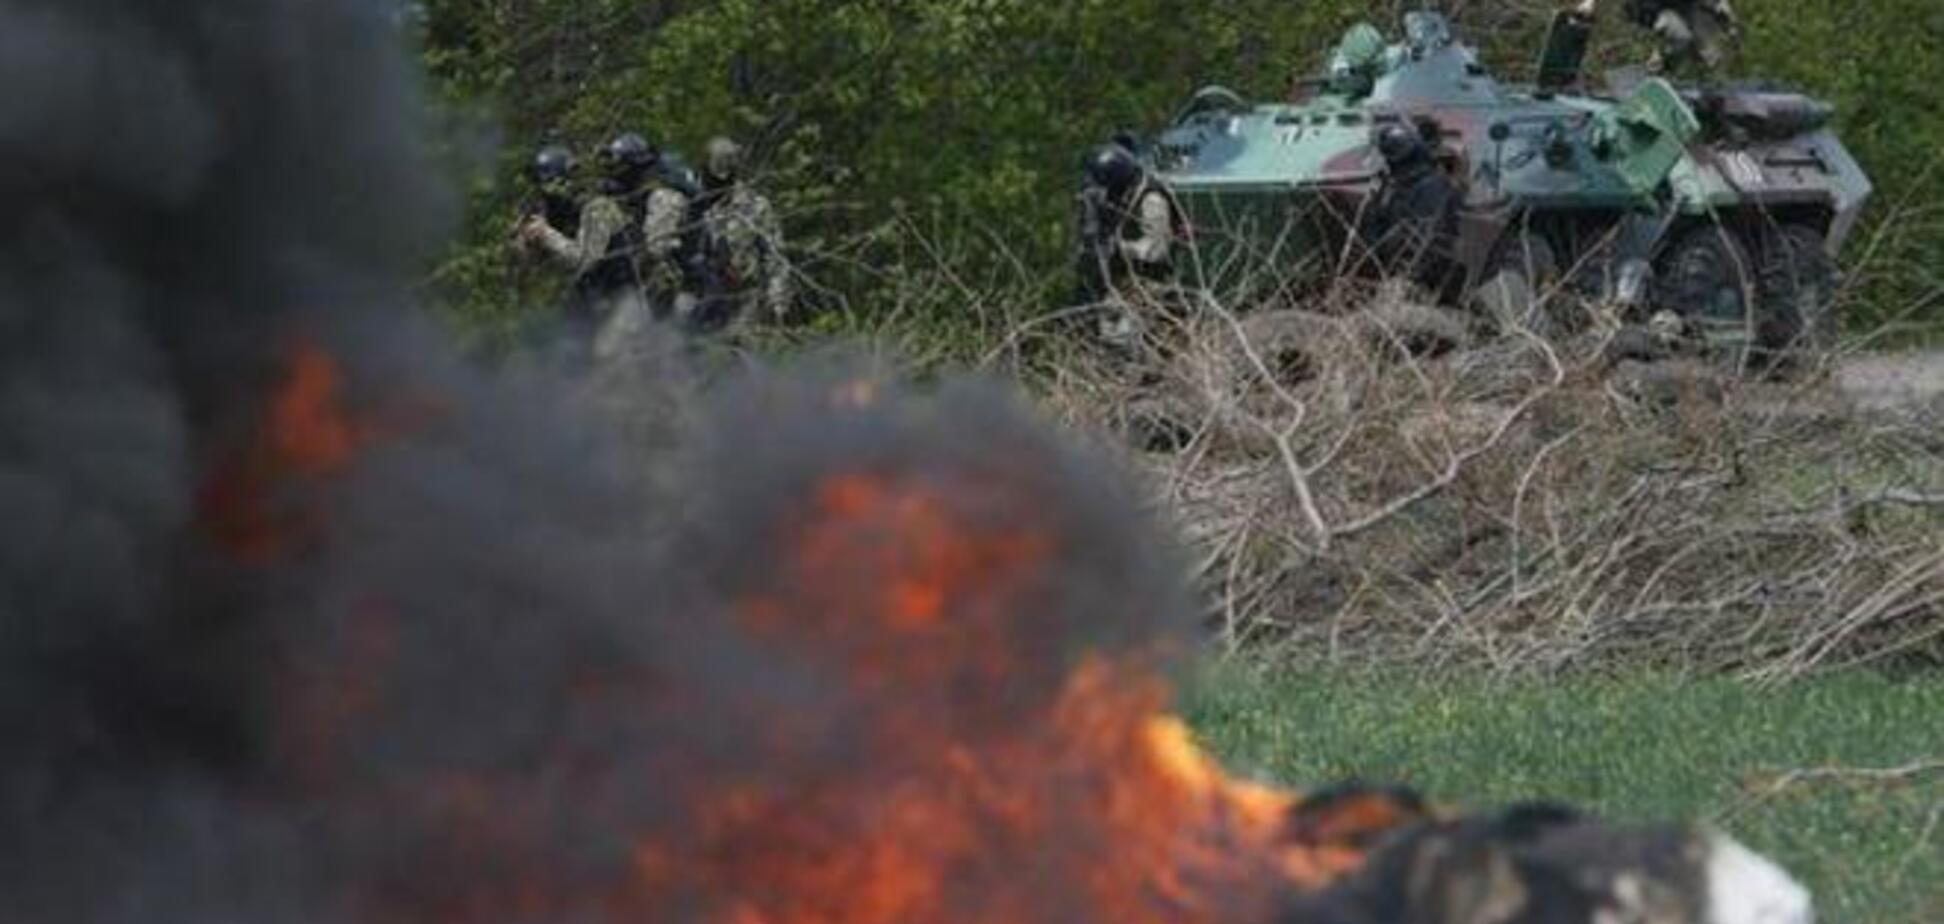 Колонна террористов прорвалась в Краматорск